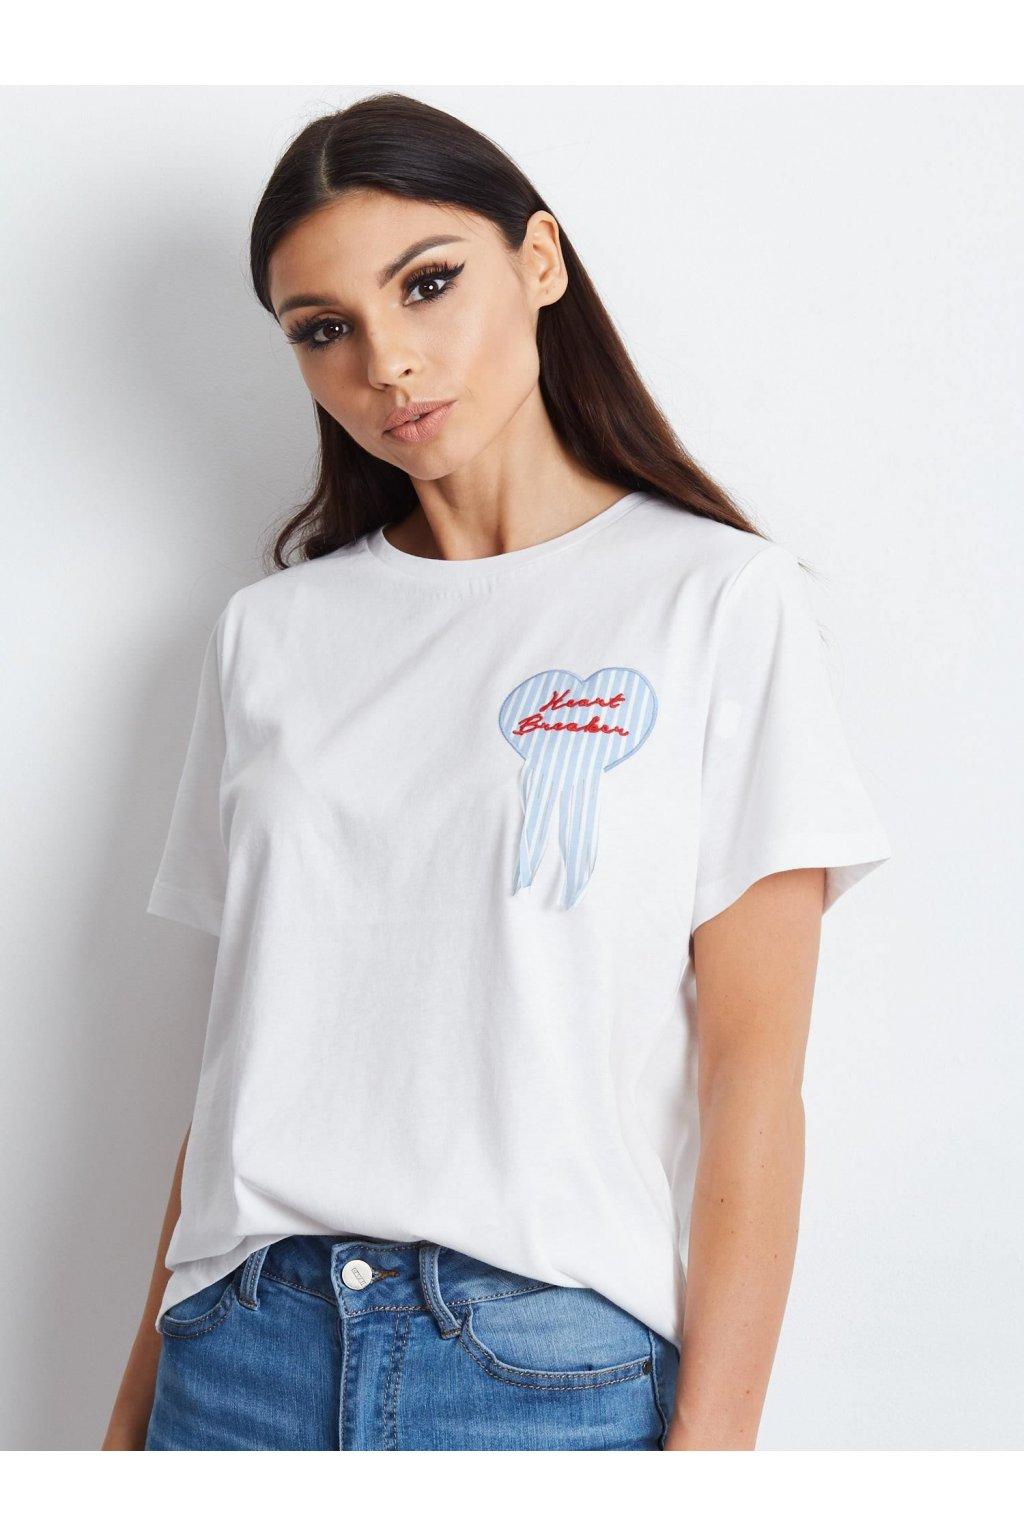 Dámske tričko s nášivkami kód YP-TS-AEX0588.19